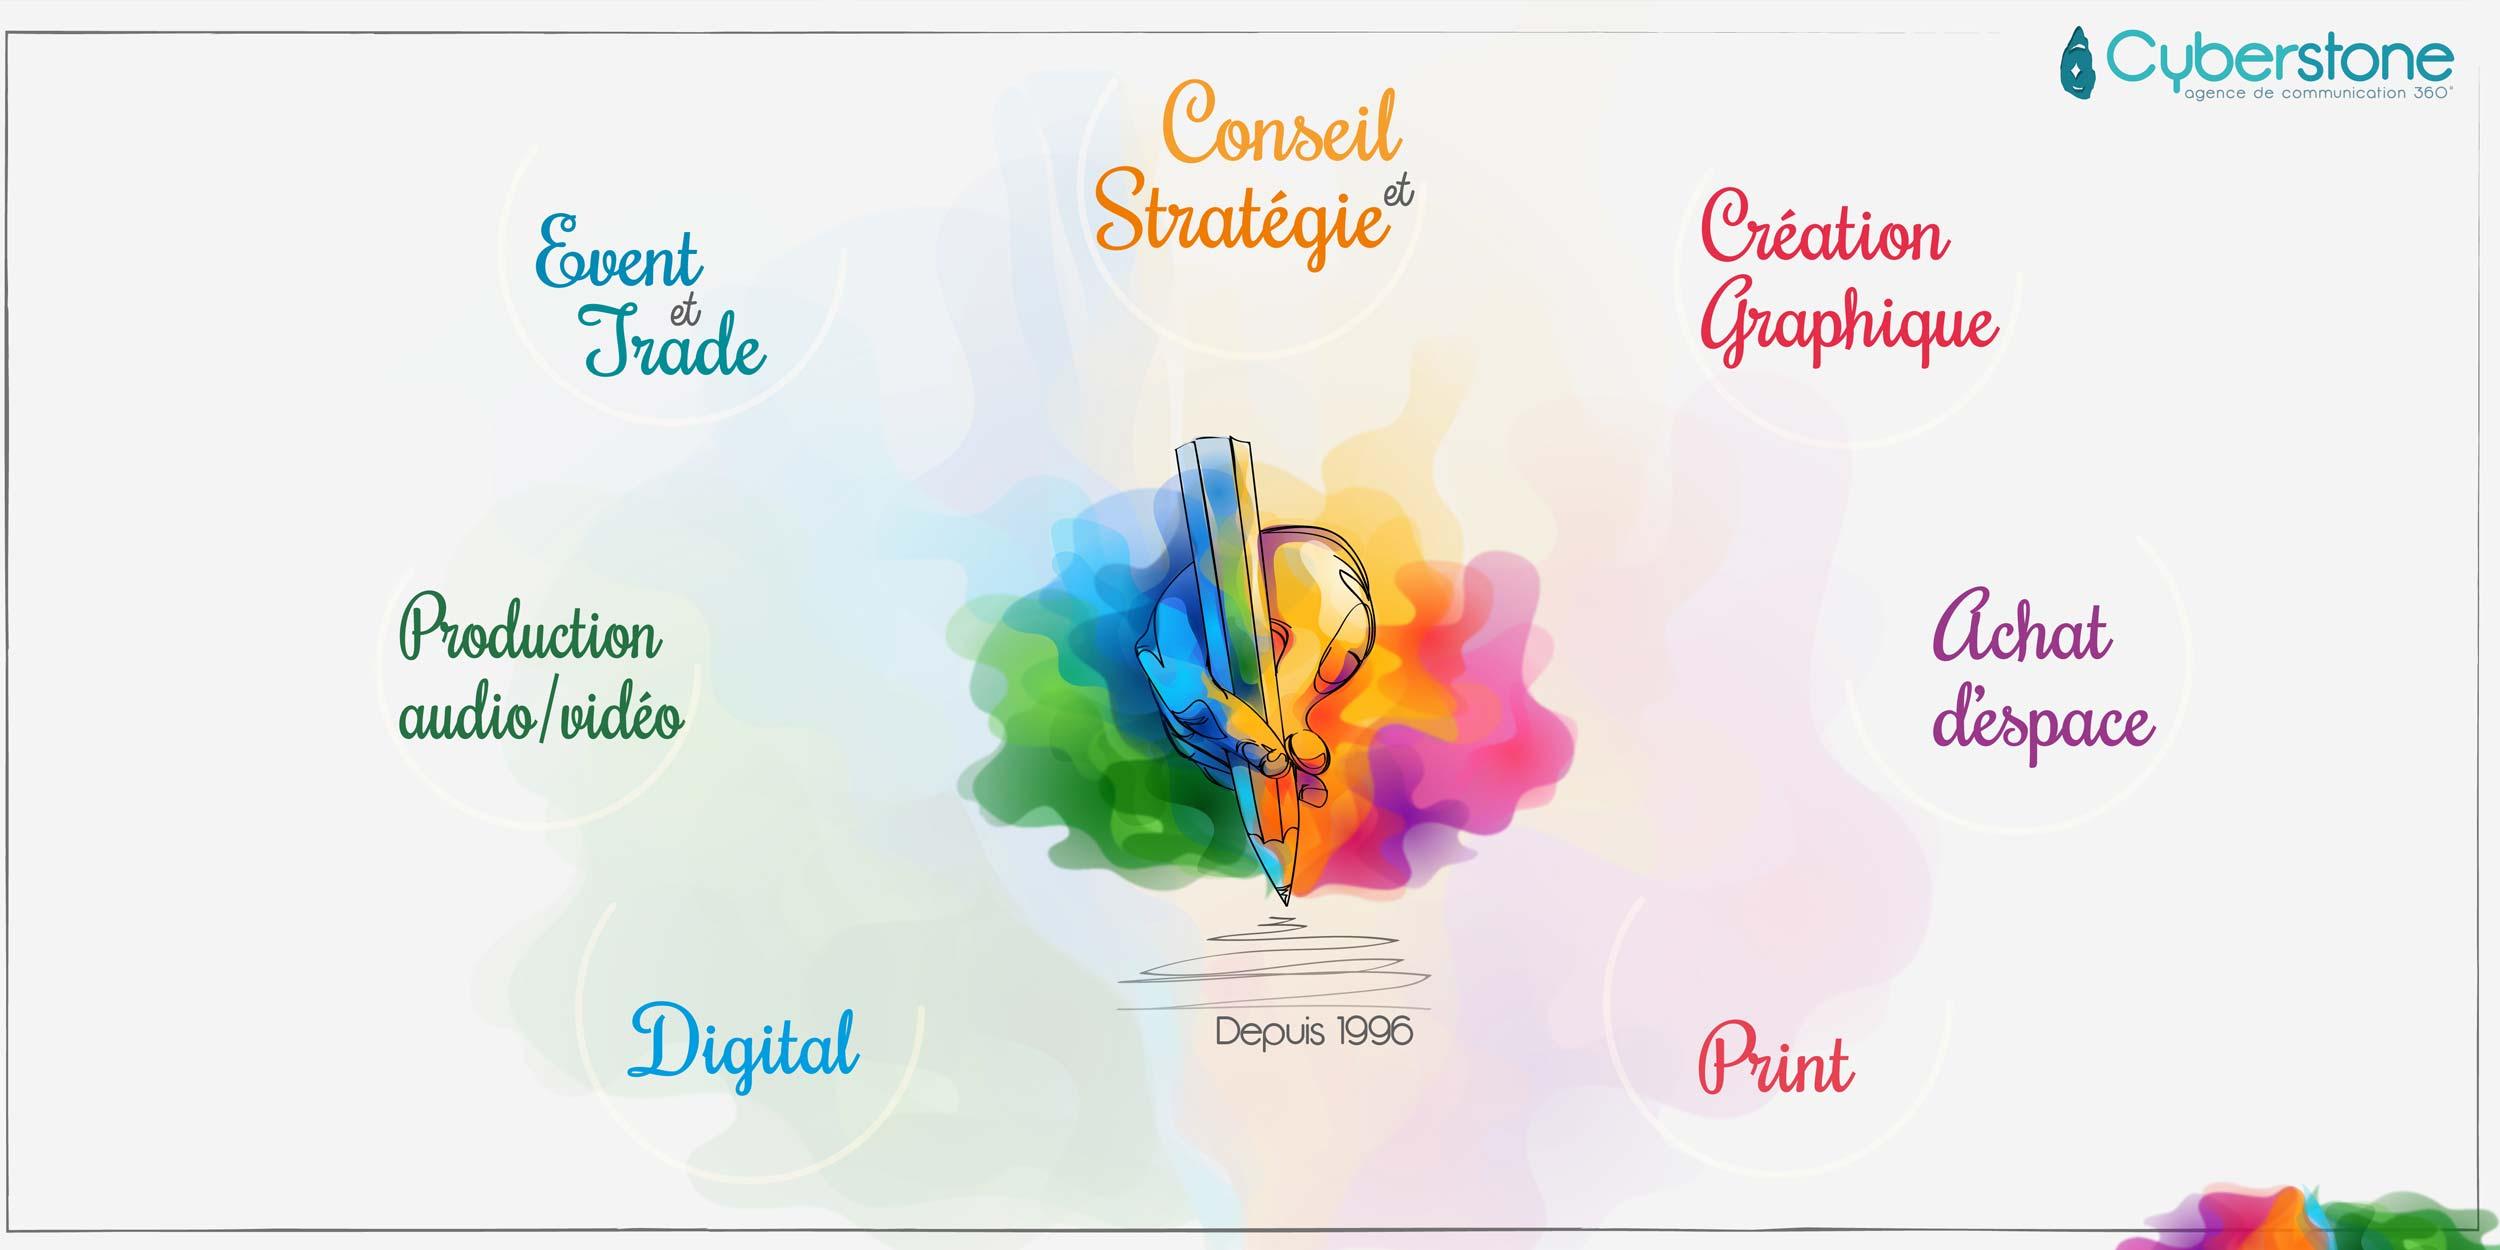 Event et trade, Production audio/vidéo, Digital, Création graphique, Achat d'espace, Print